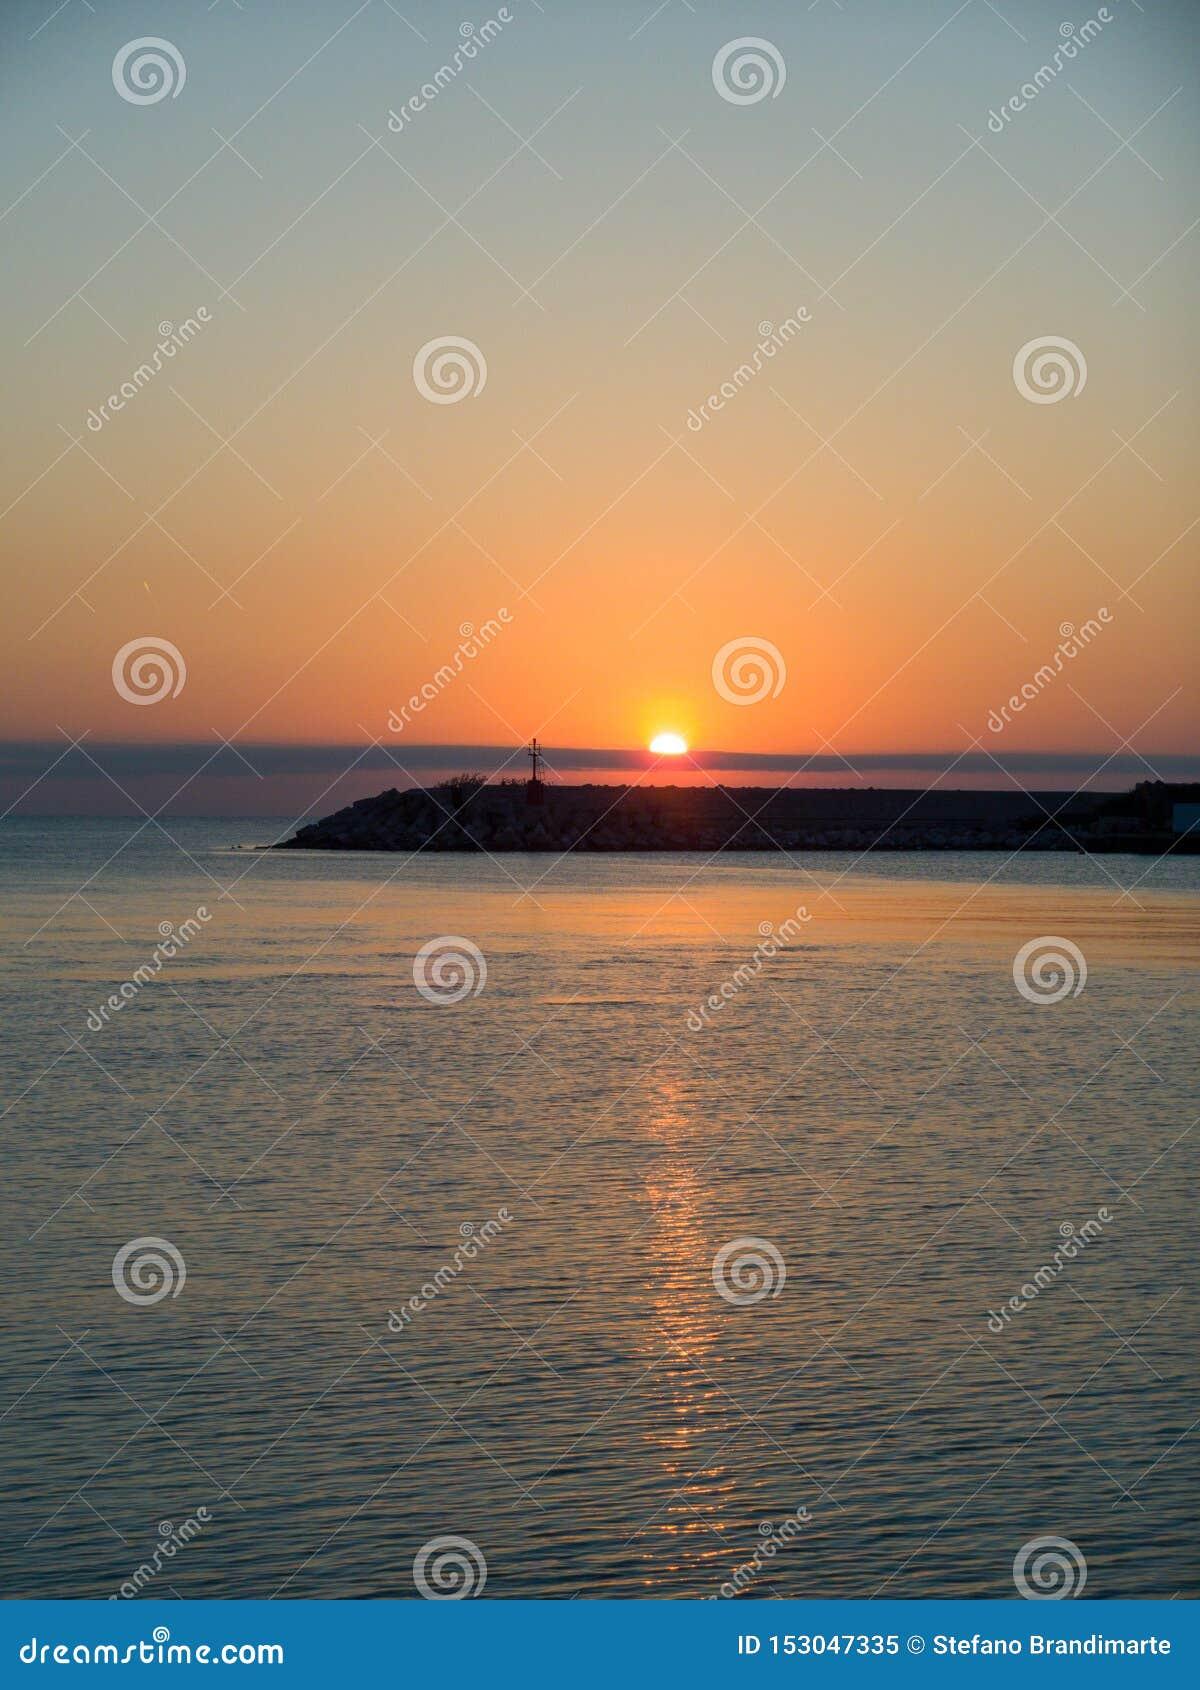 Salida del sol en el mar adriático, reflexiones de la luz del sol en el agua